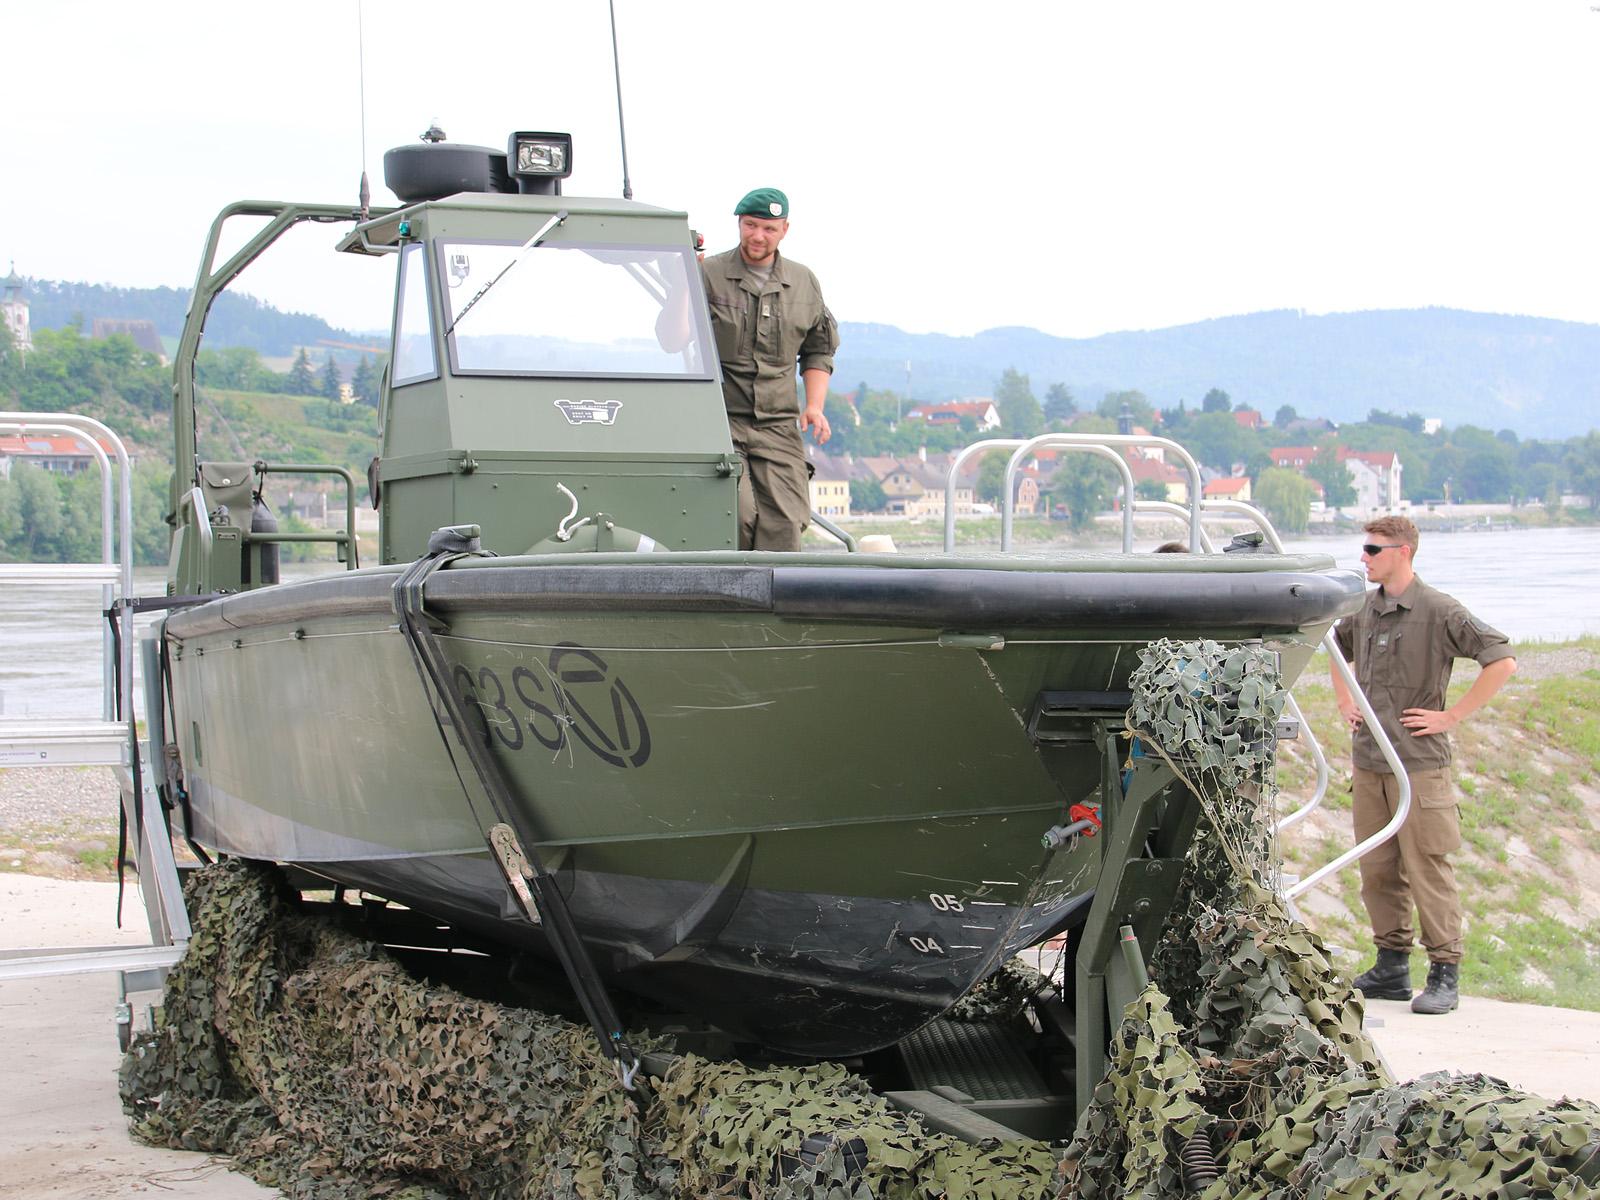 """Sturm- und Flachwasserboote des Typs Watercat M9 des finnischen Herstellers """"Marine Alutech Oy Ab"""" © Doppeladler.com"""